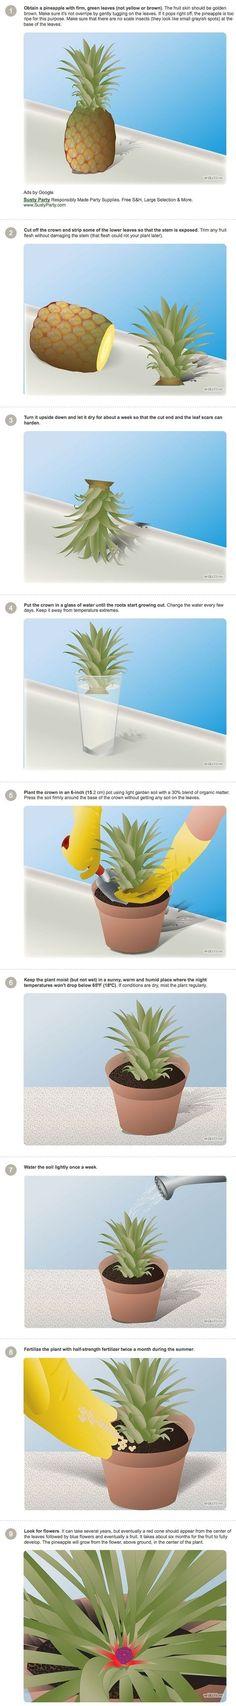 Come far crescere un ananas: molto più descrittivo rispetto agli altri ho appuntato: